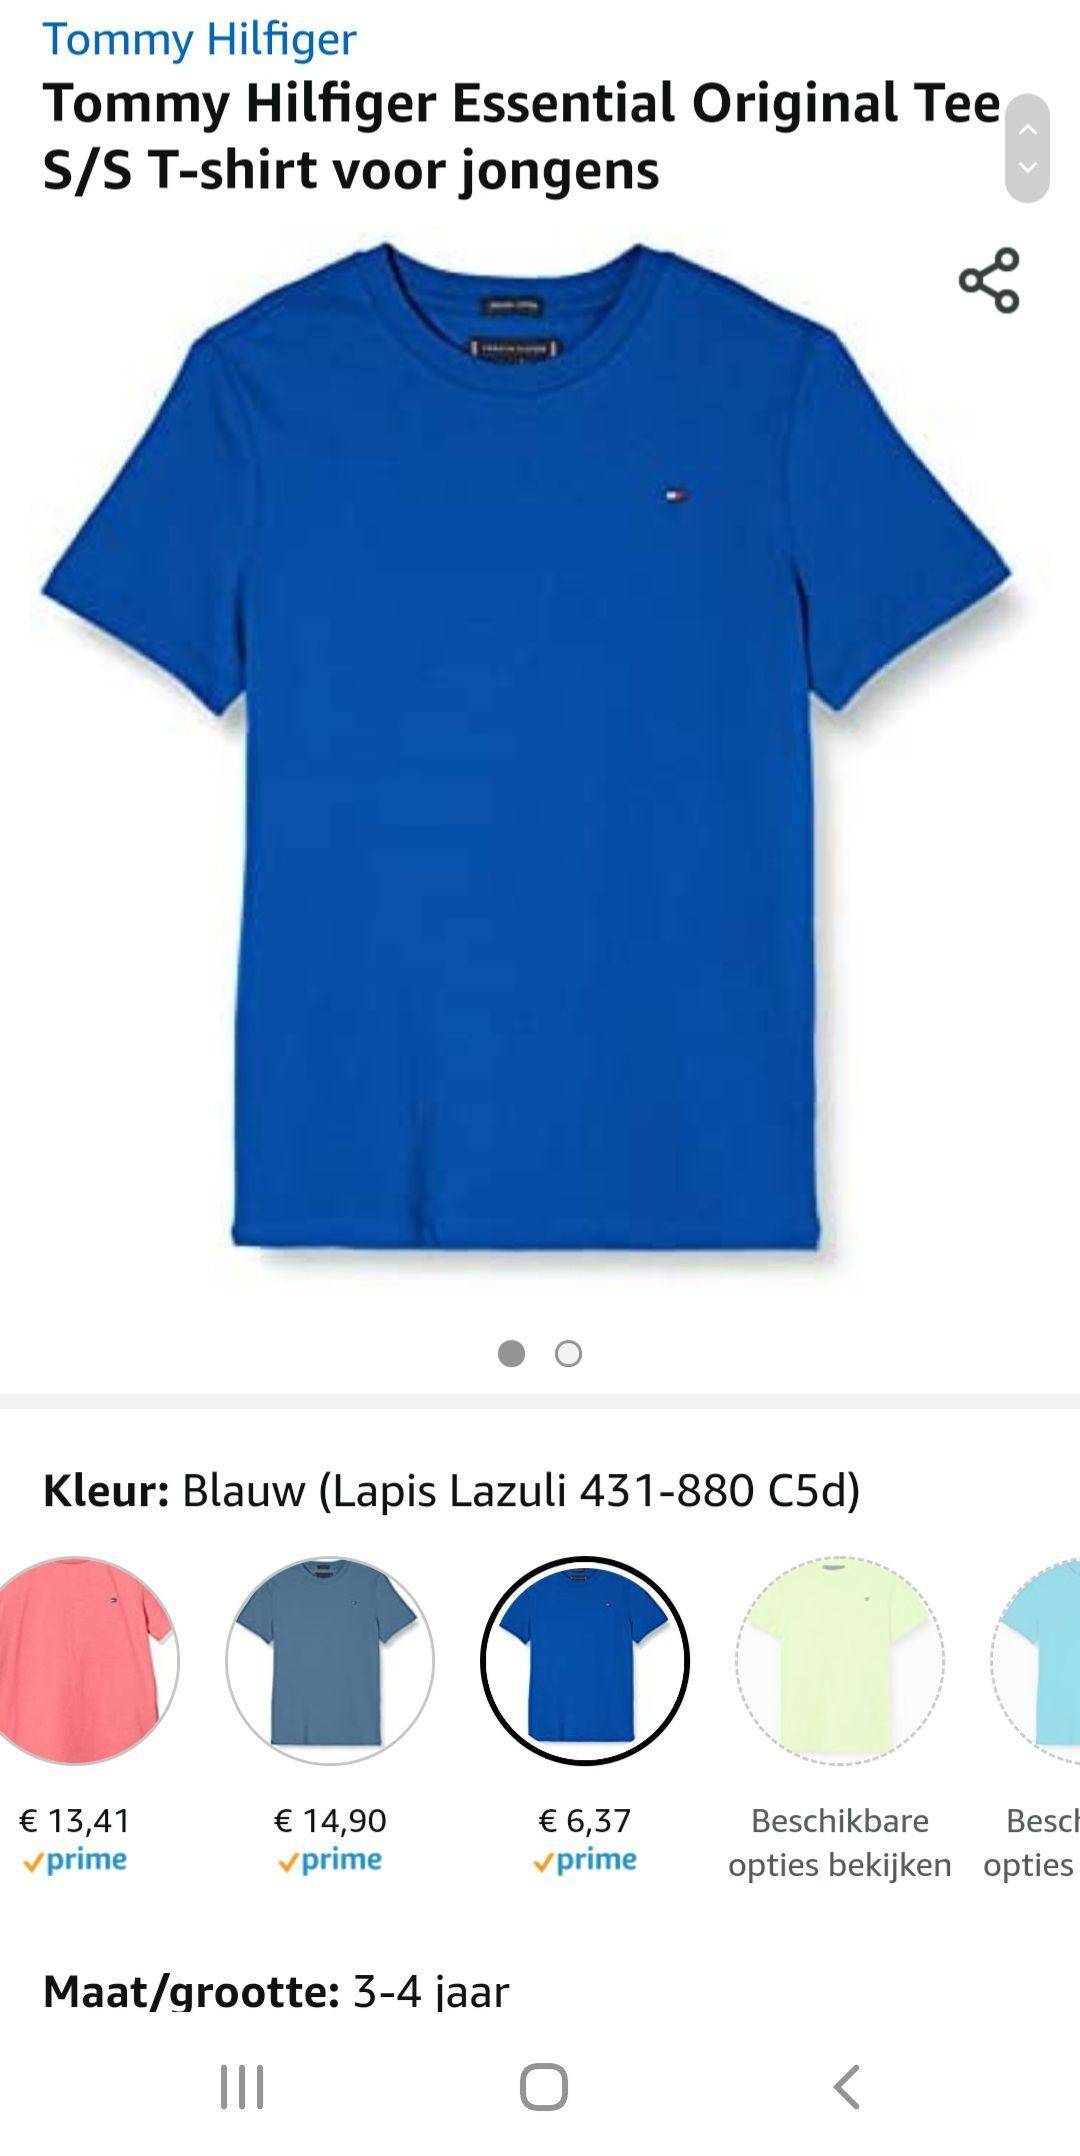 Tommy Hilfiger Essential Original Tee S/S T-shirt voor jongens